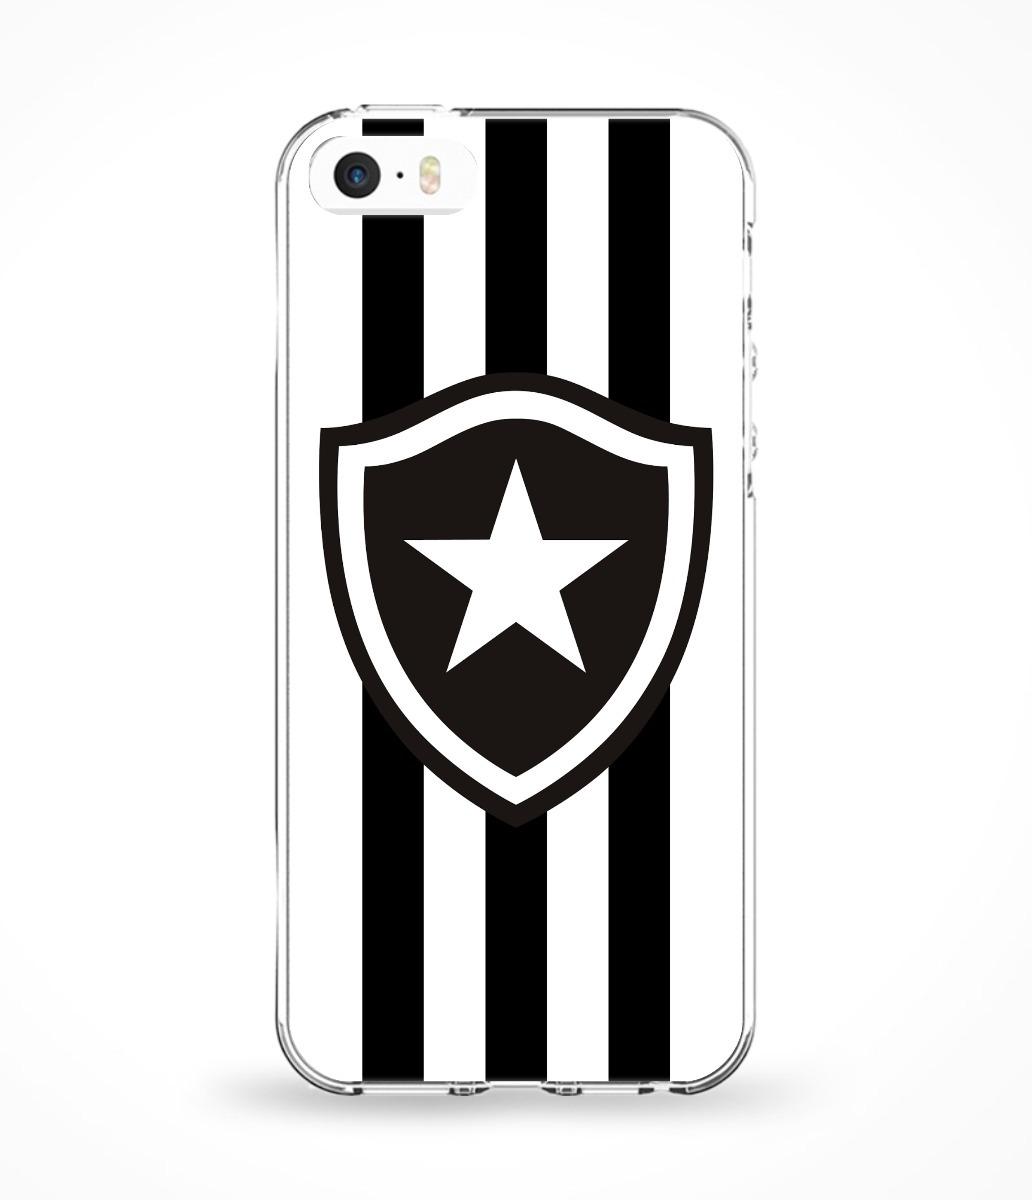 Capa Capinha Time Botafogo Qualquer Celular  fut50 - R  29 9c8a9633e31ce